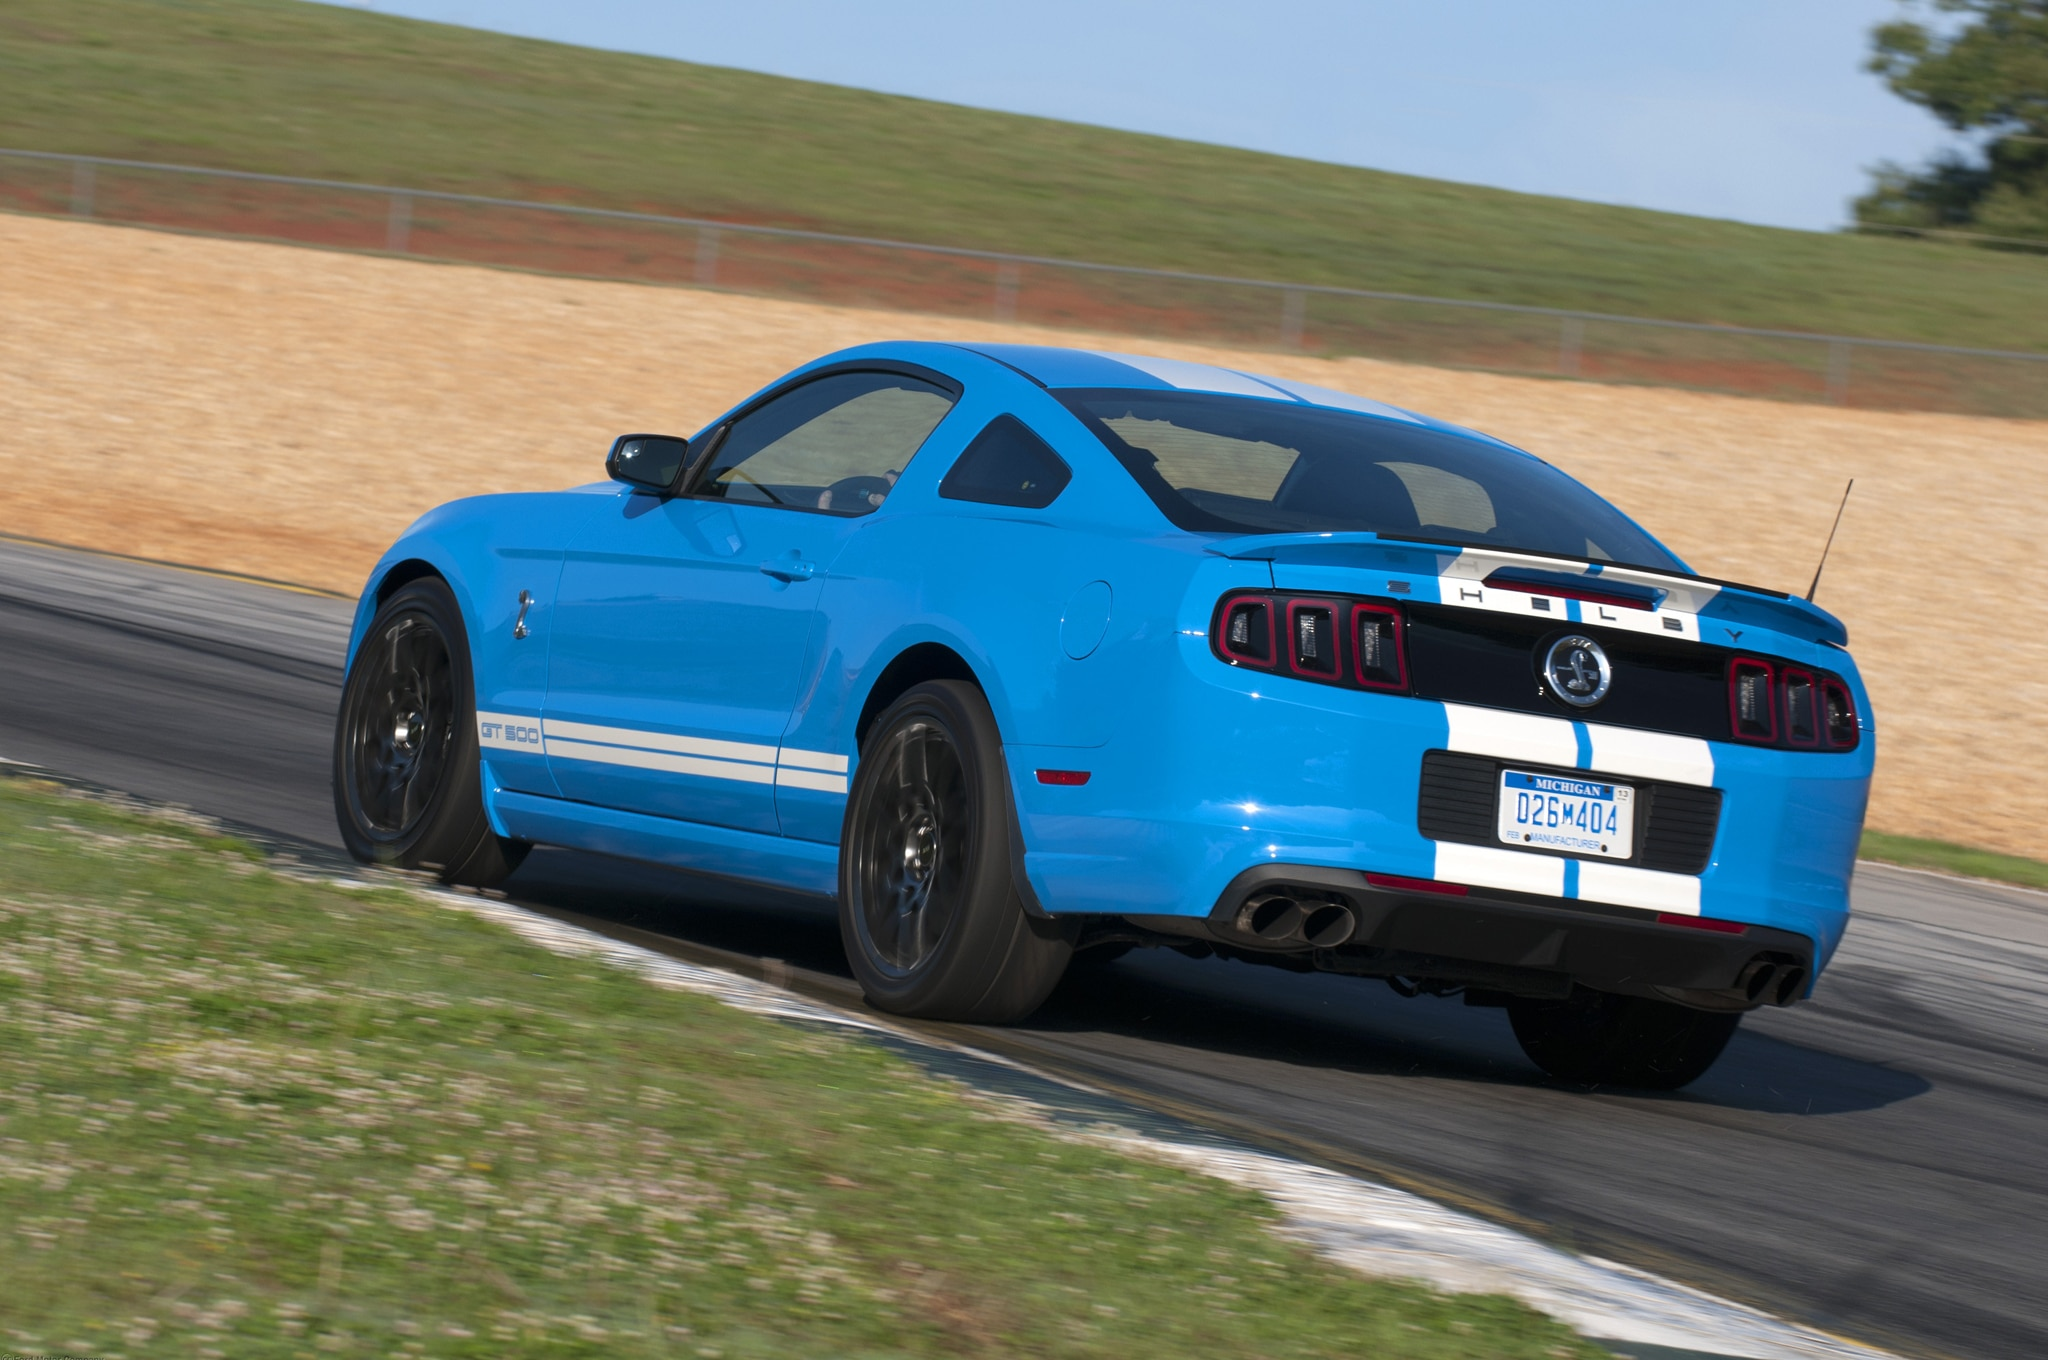 2011 Shelby Gt500 -- Original 2013 Write-up